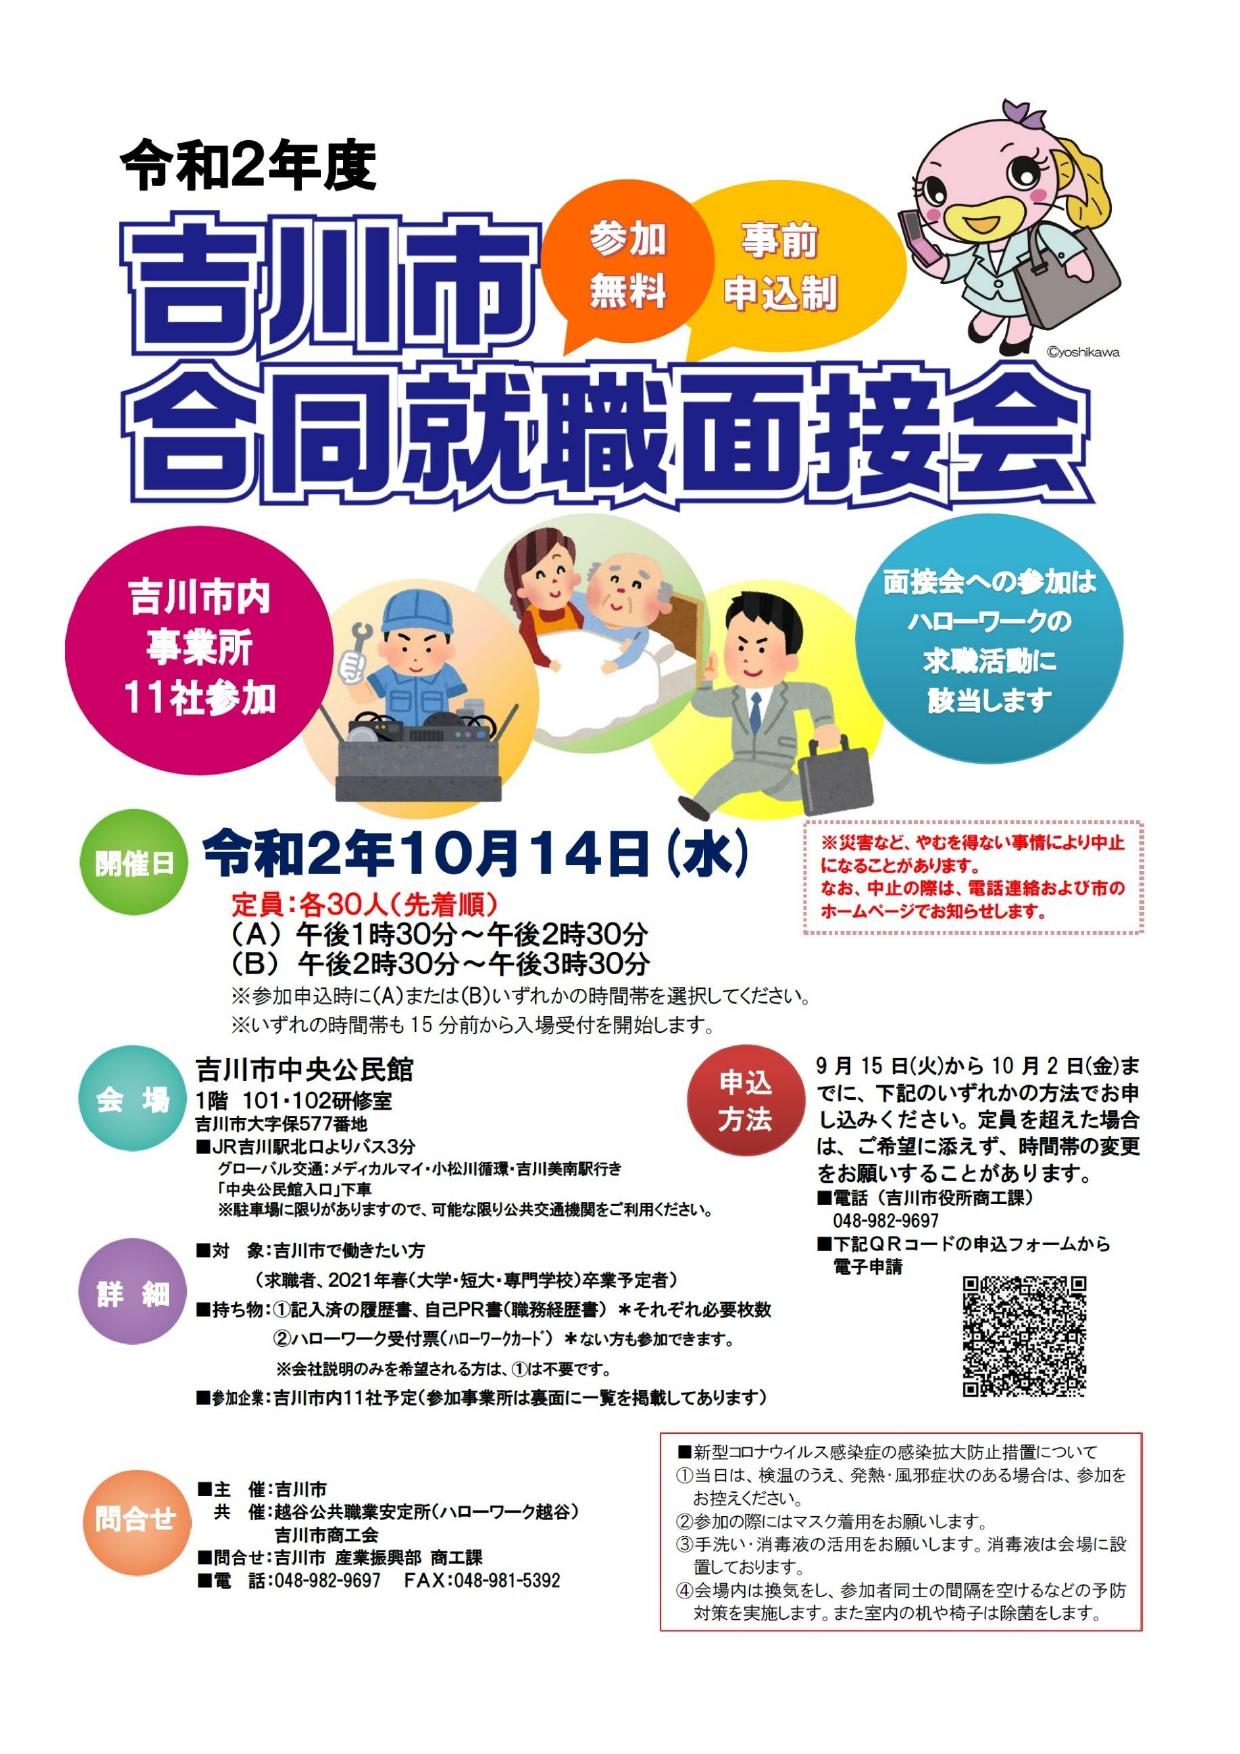 吉川市合同就職面接会 埼玉労働局